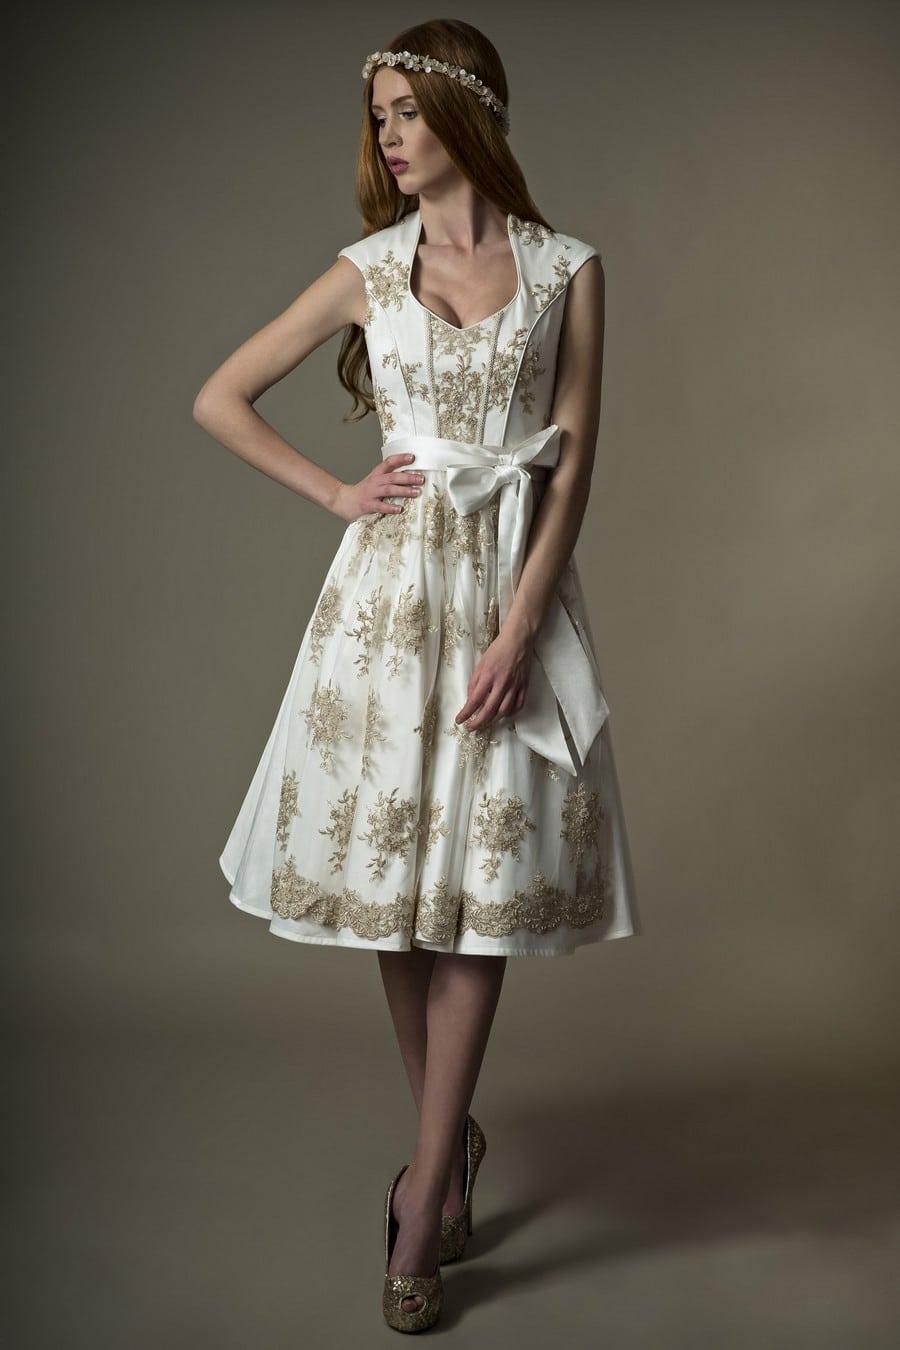 Exklusives Braut-Dirndl in Gold und Weiß im Vintage-Design